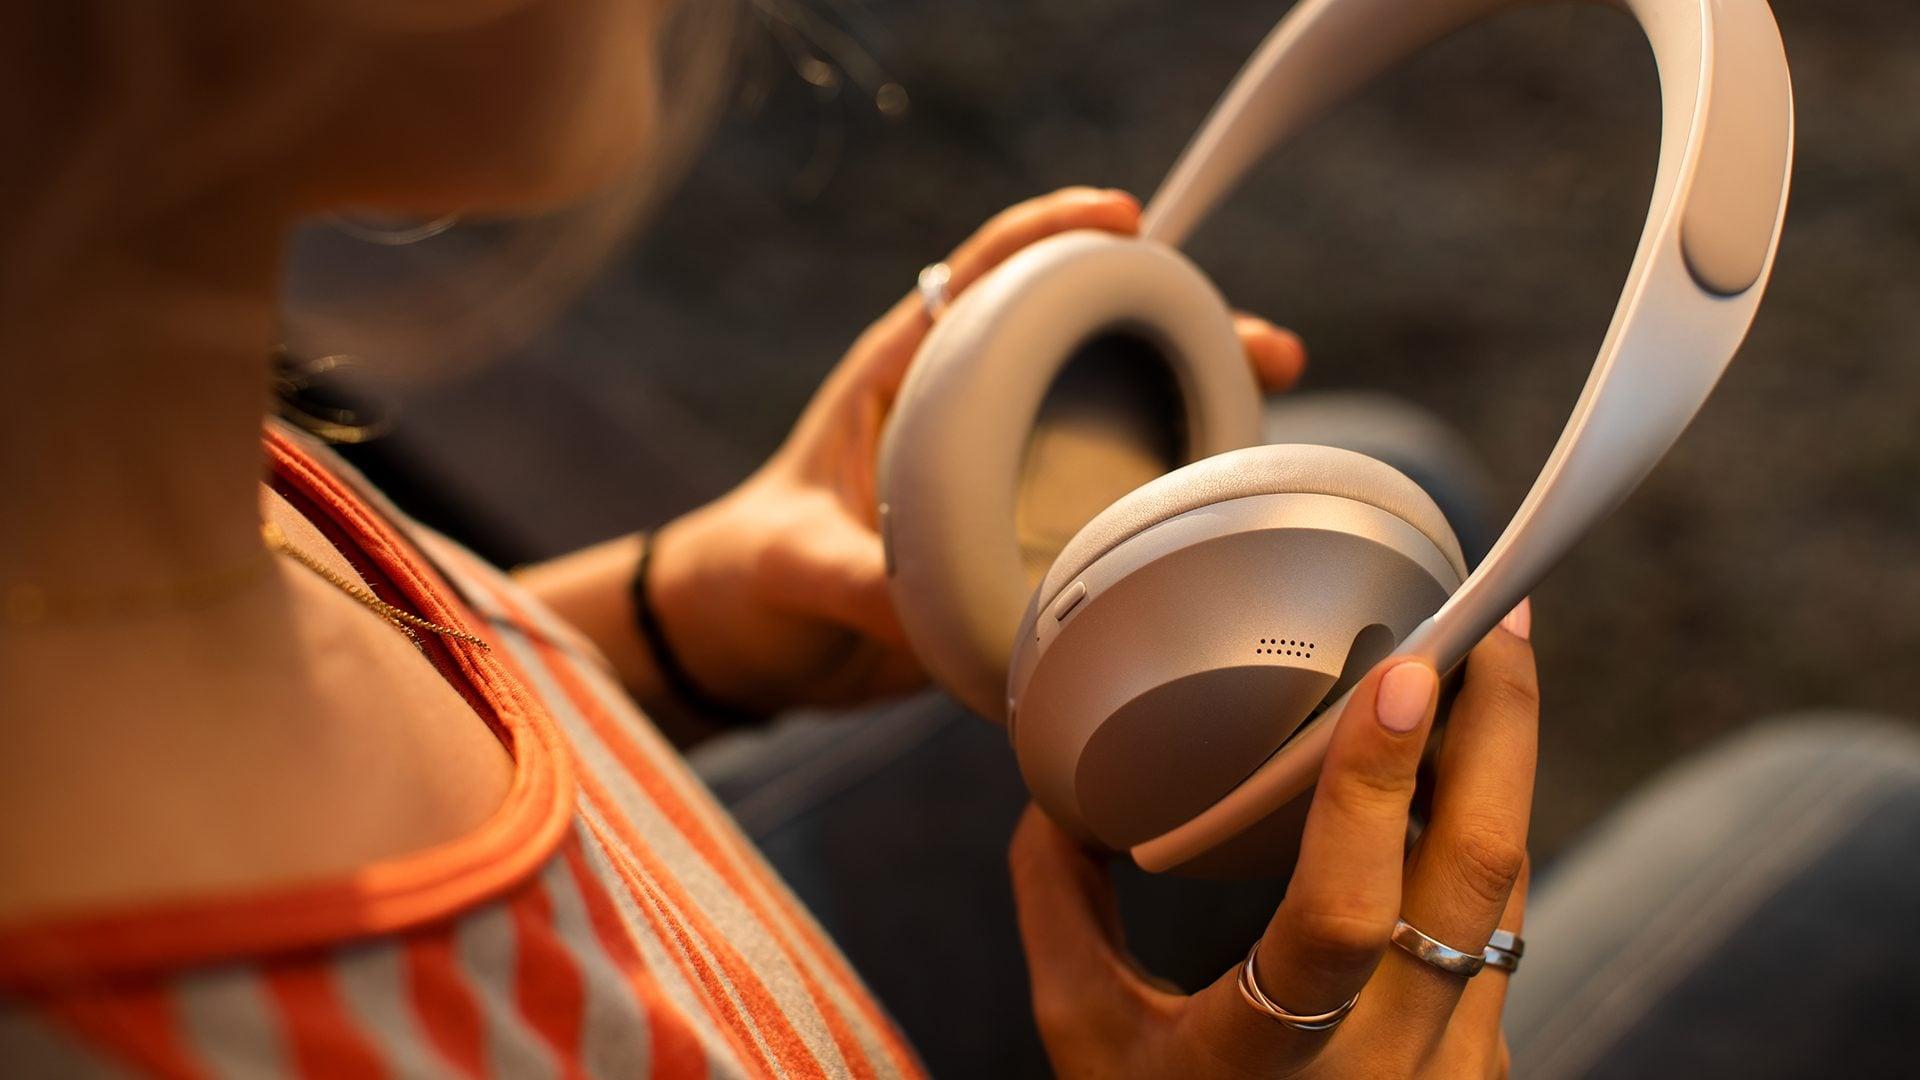 Bose zapowiada całkiem nową linię słuchawek z redukcją szumów